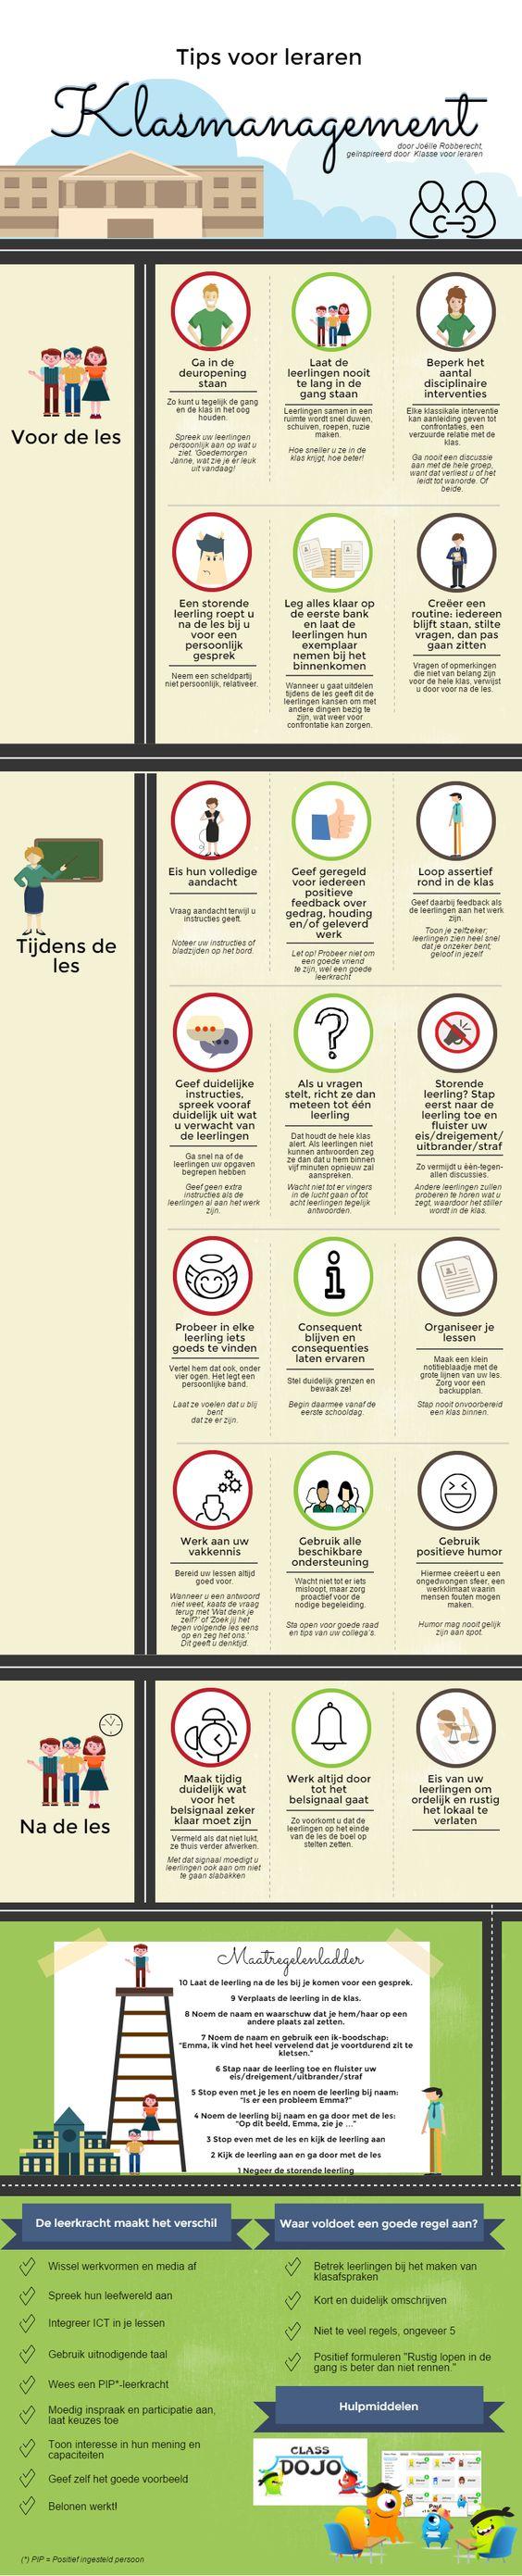 Idee voor de Scouting, wat de kids moeten doen en waarom. Klasmanagement Onderwijs - Bron: Klasse voor leraren